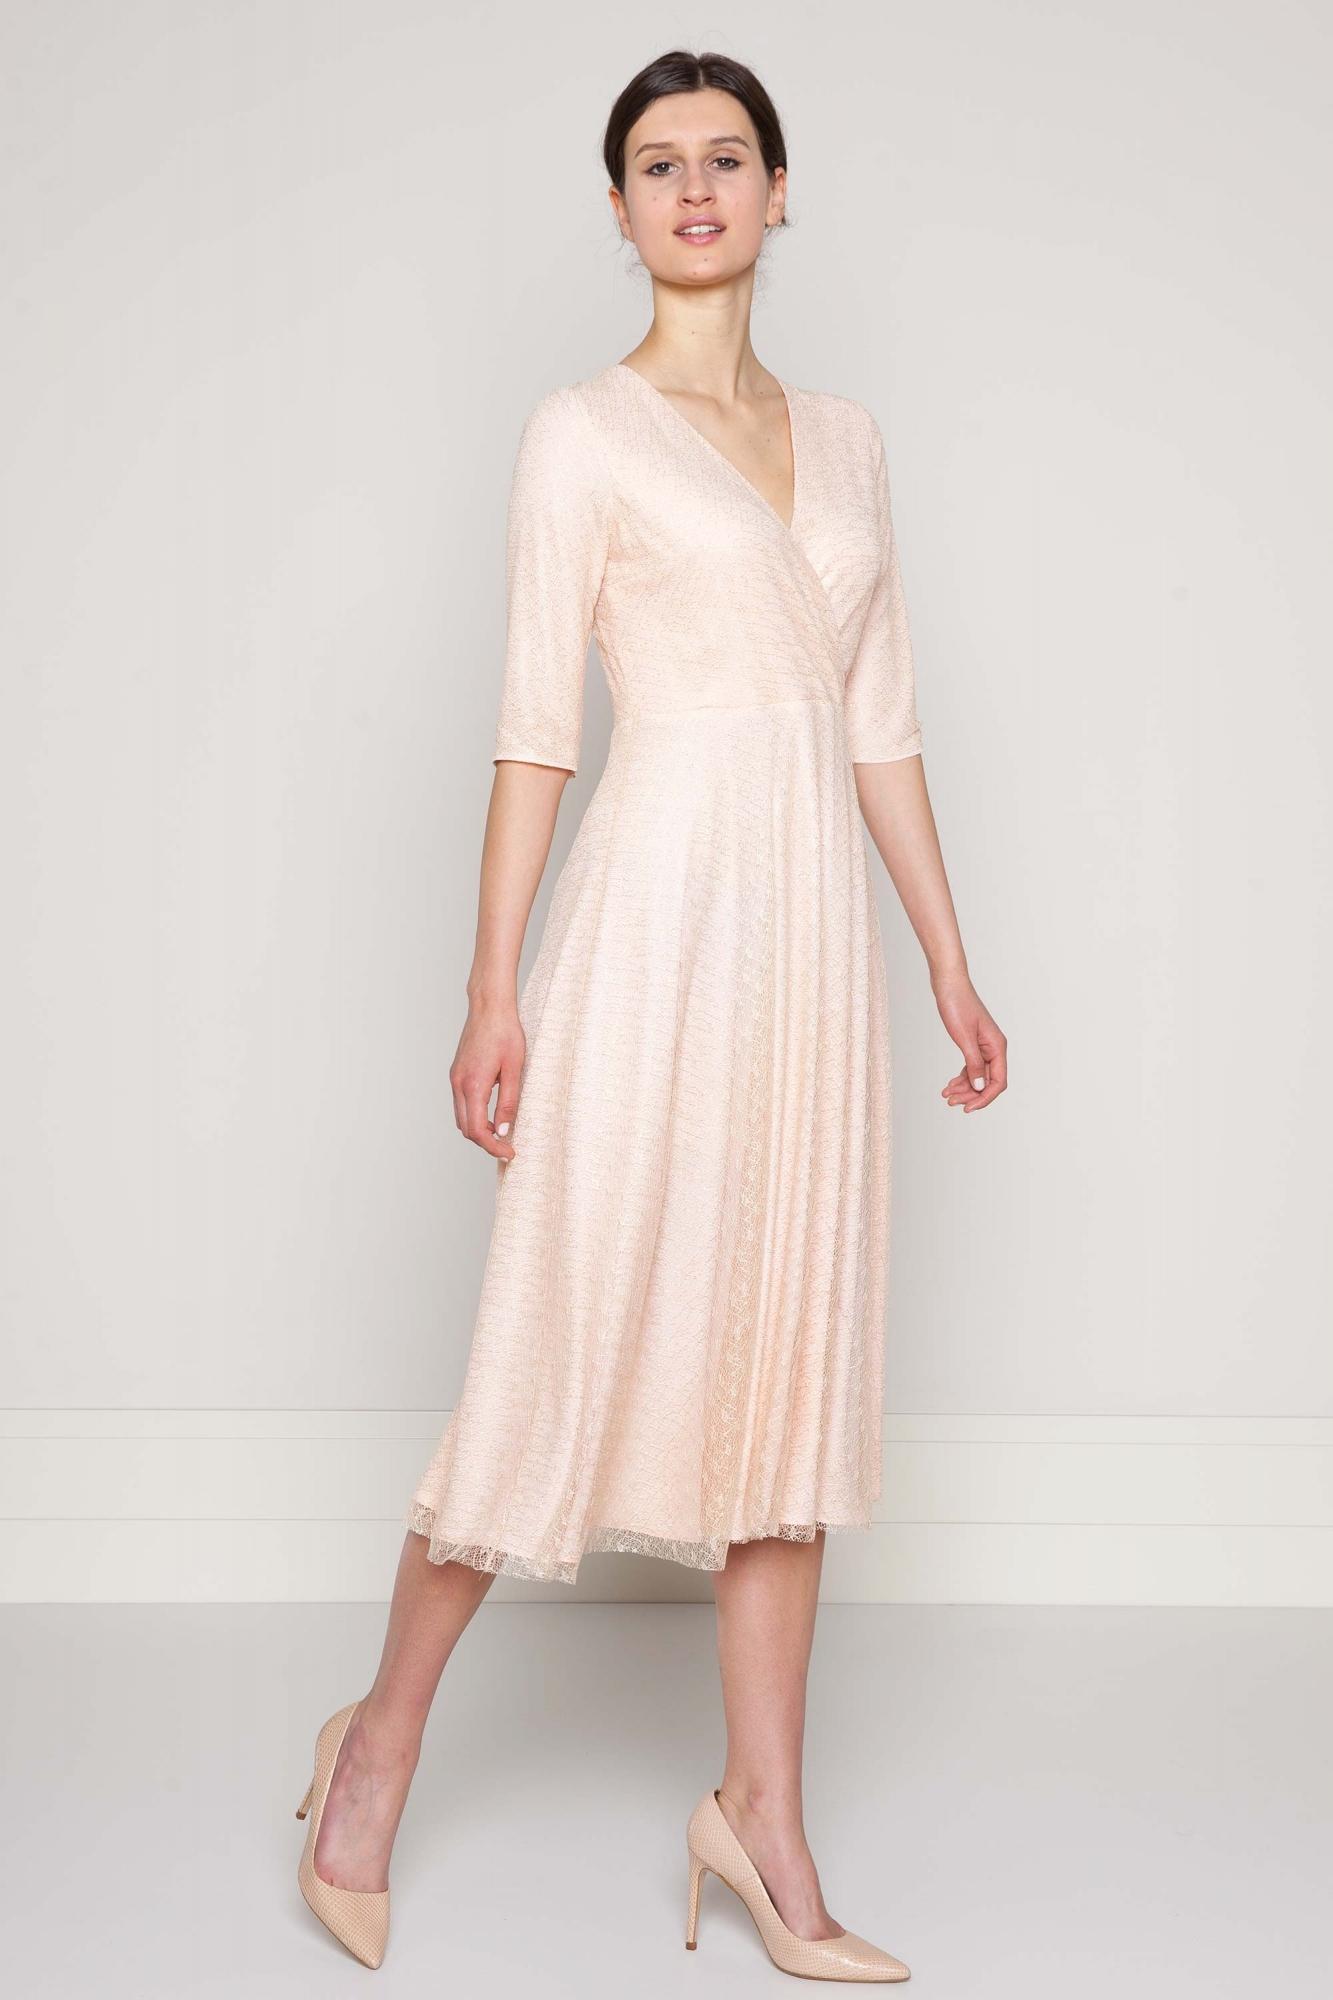 e2e0d4658b30d3 Sukienka różowa z kopertowym dekoltem z ażurowej koronki.Beata Cupriak